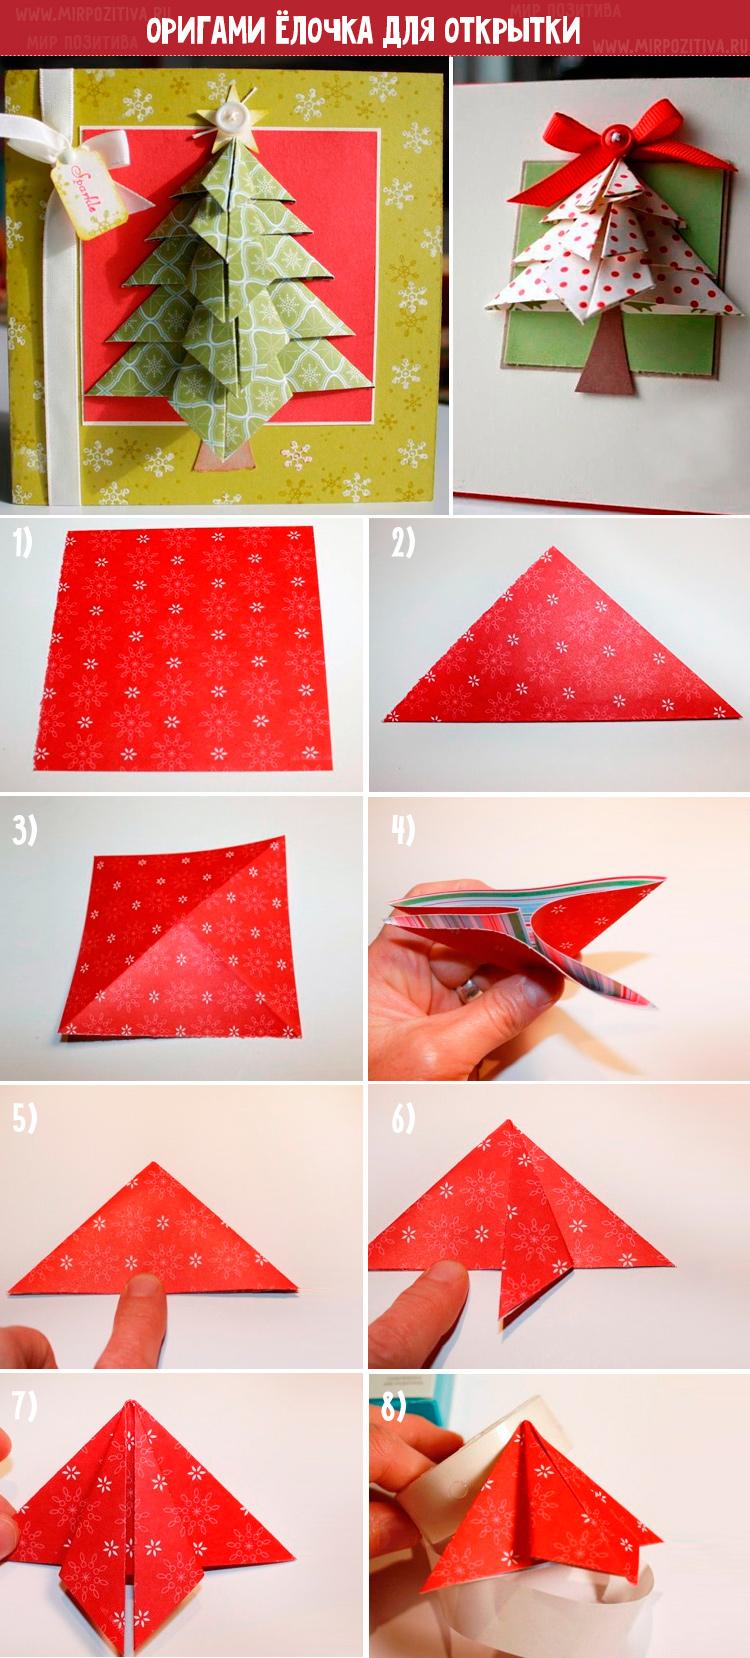 оригами елочка для открытки